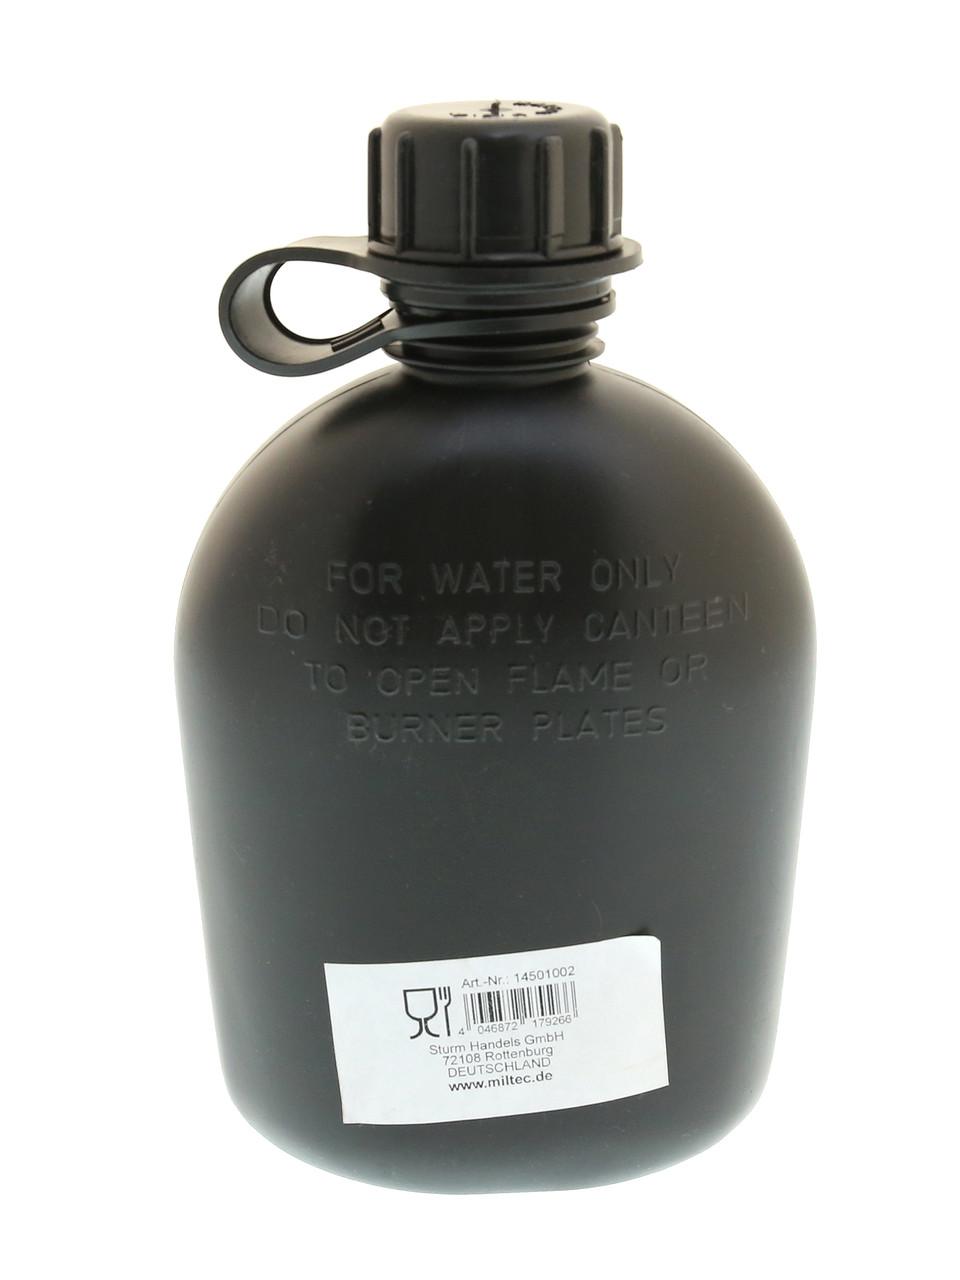 Фляга армейская пластик  MIL-TEC 1Qt Black 14501002